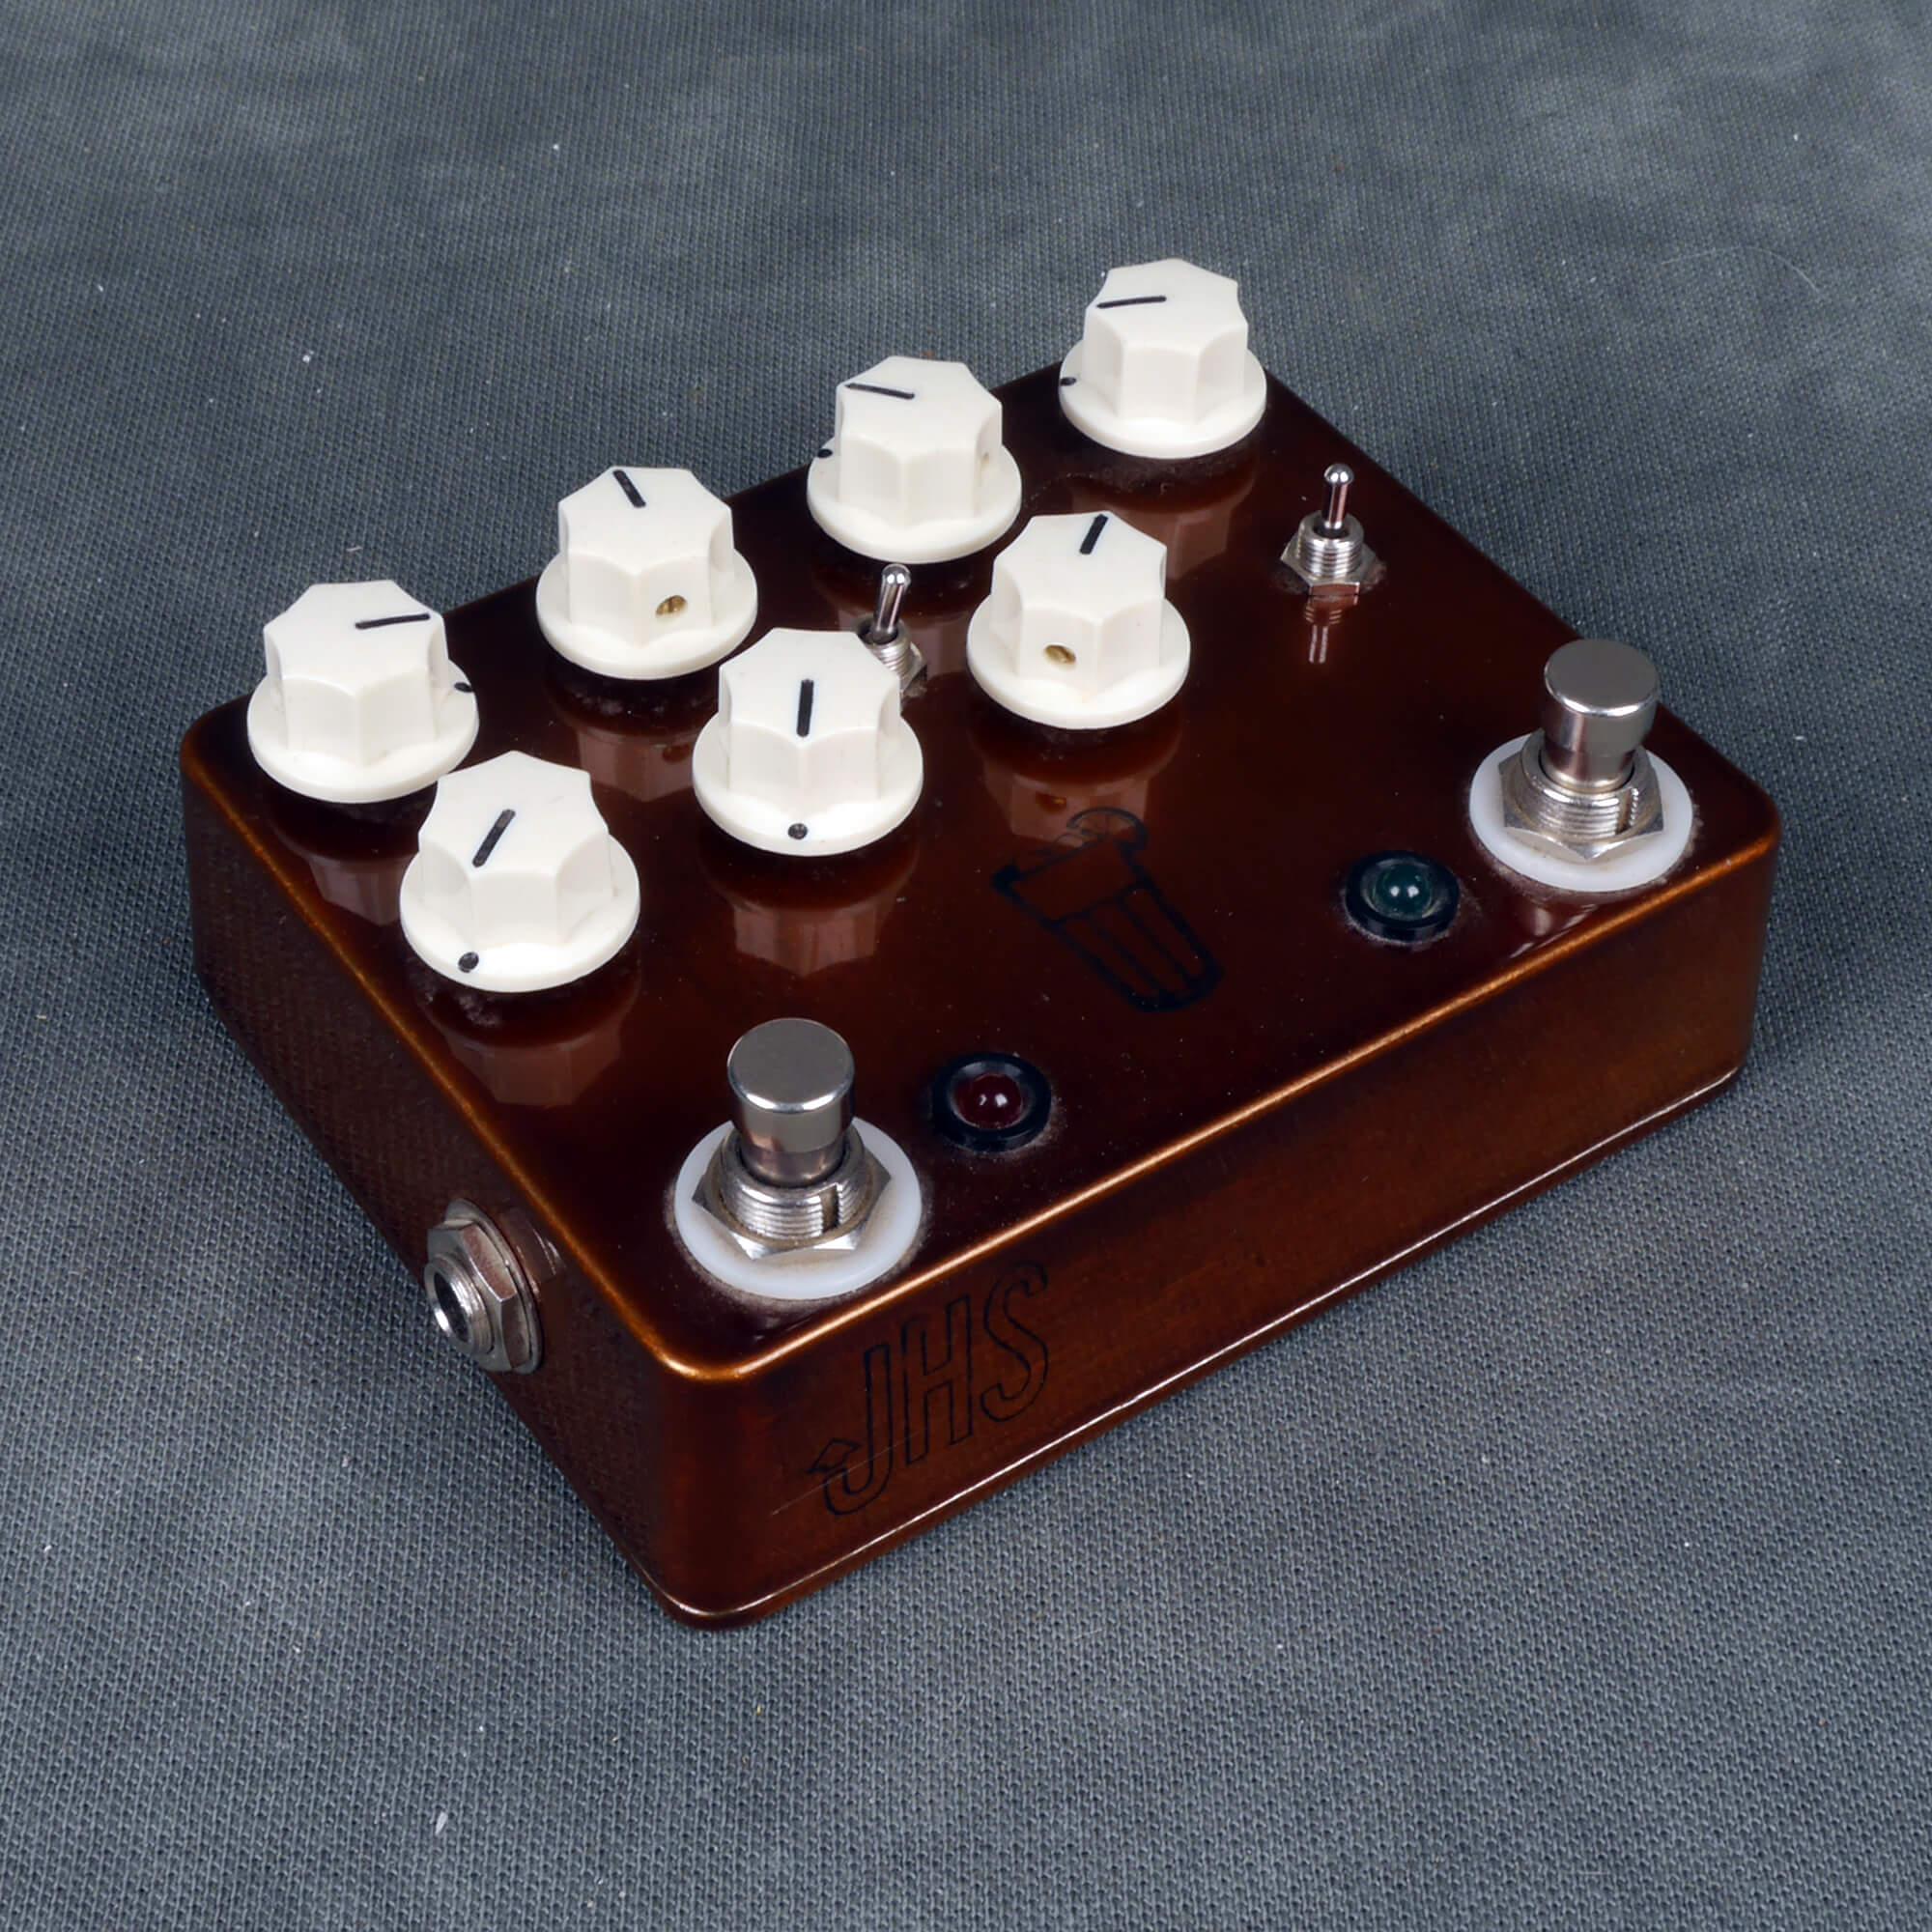 JHS Sweet Tea V2 FX Pedal - 2nd Hand